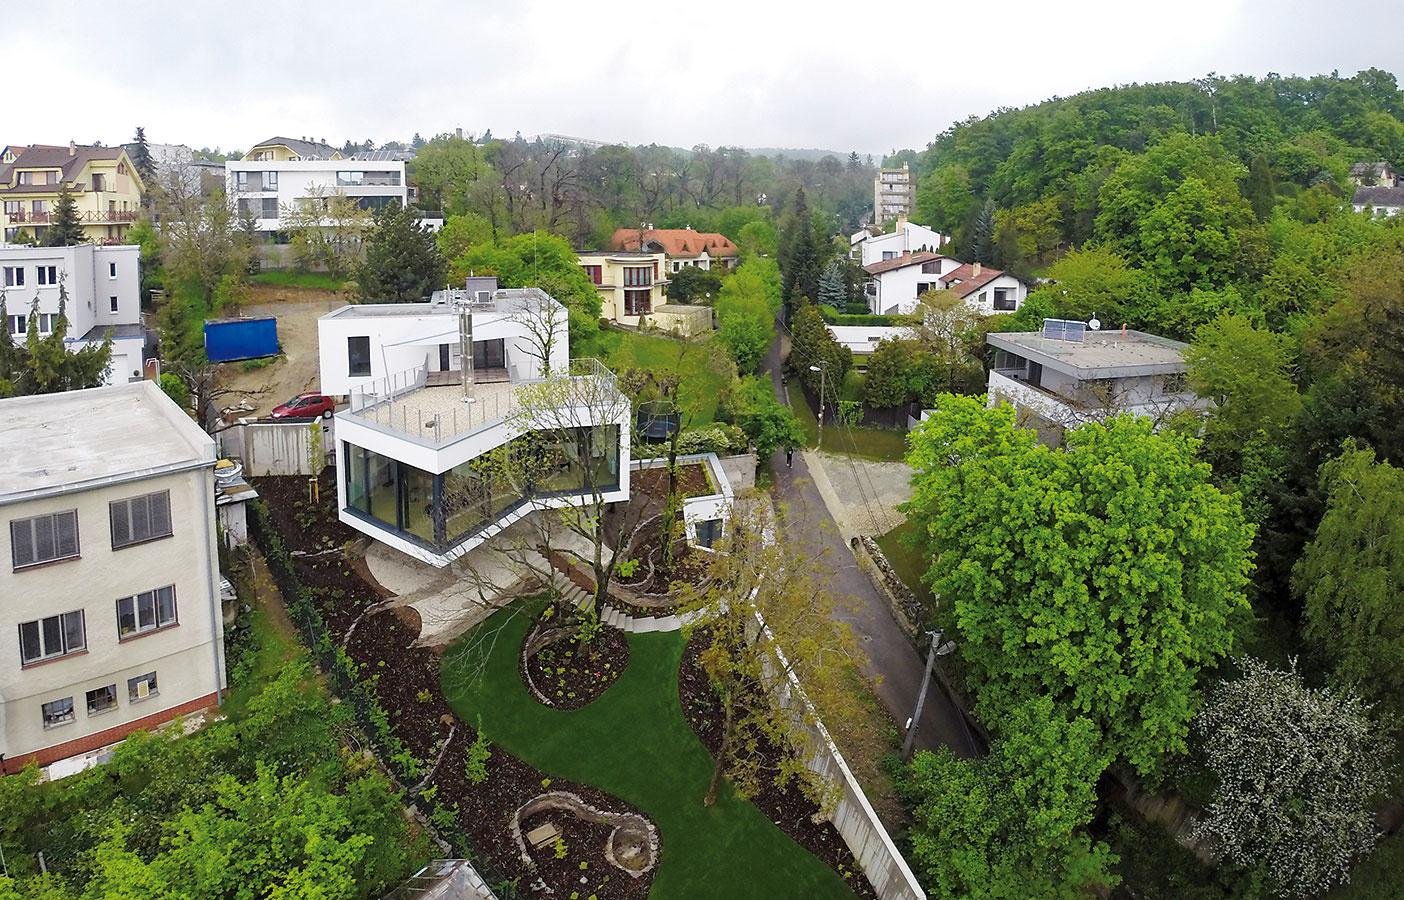 Zasklené plochy dennej časti sa otvárajú výhľadom ponad záhradu, takže majiteľom neuberajú zpocitu súkromia.